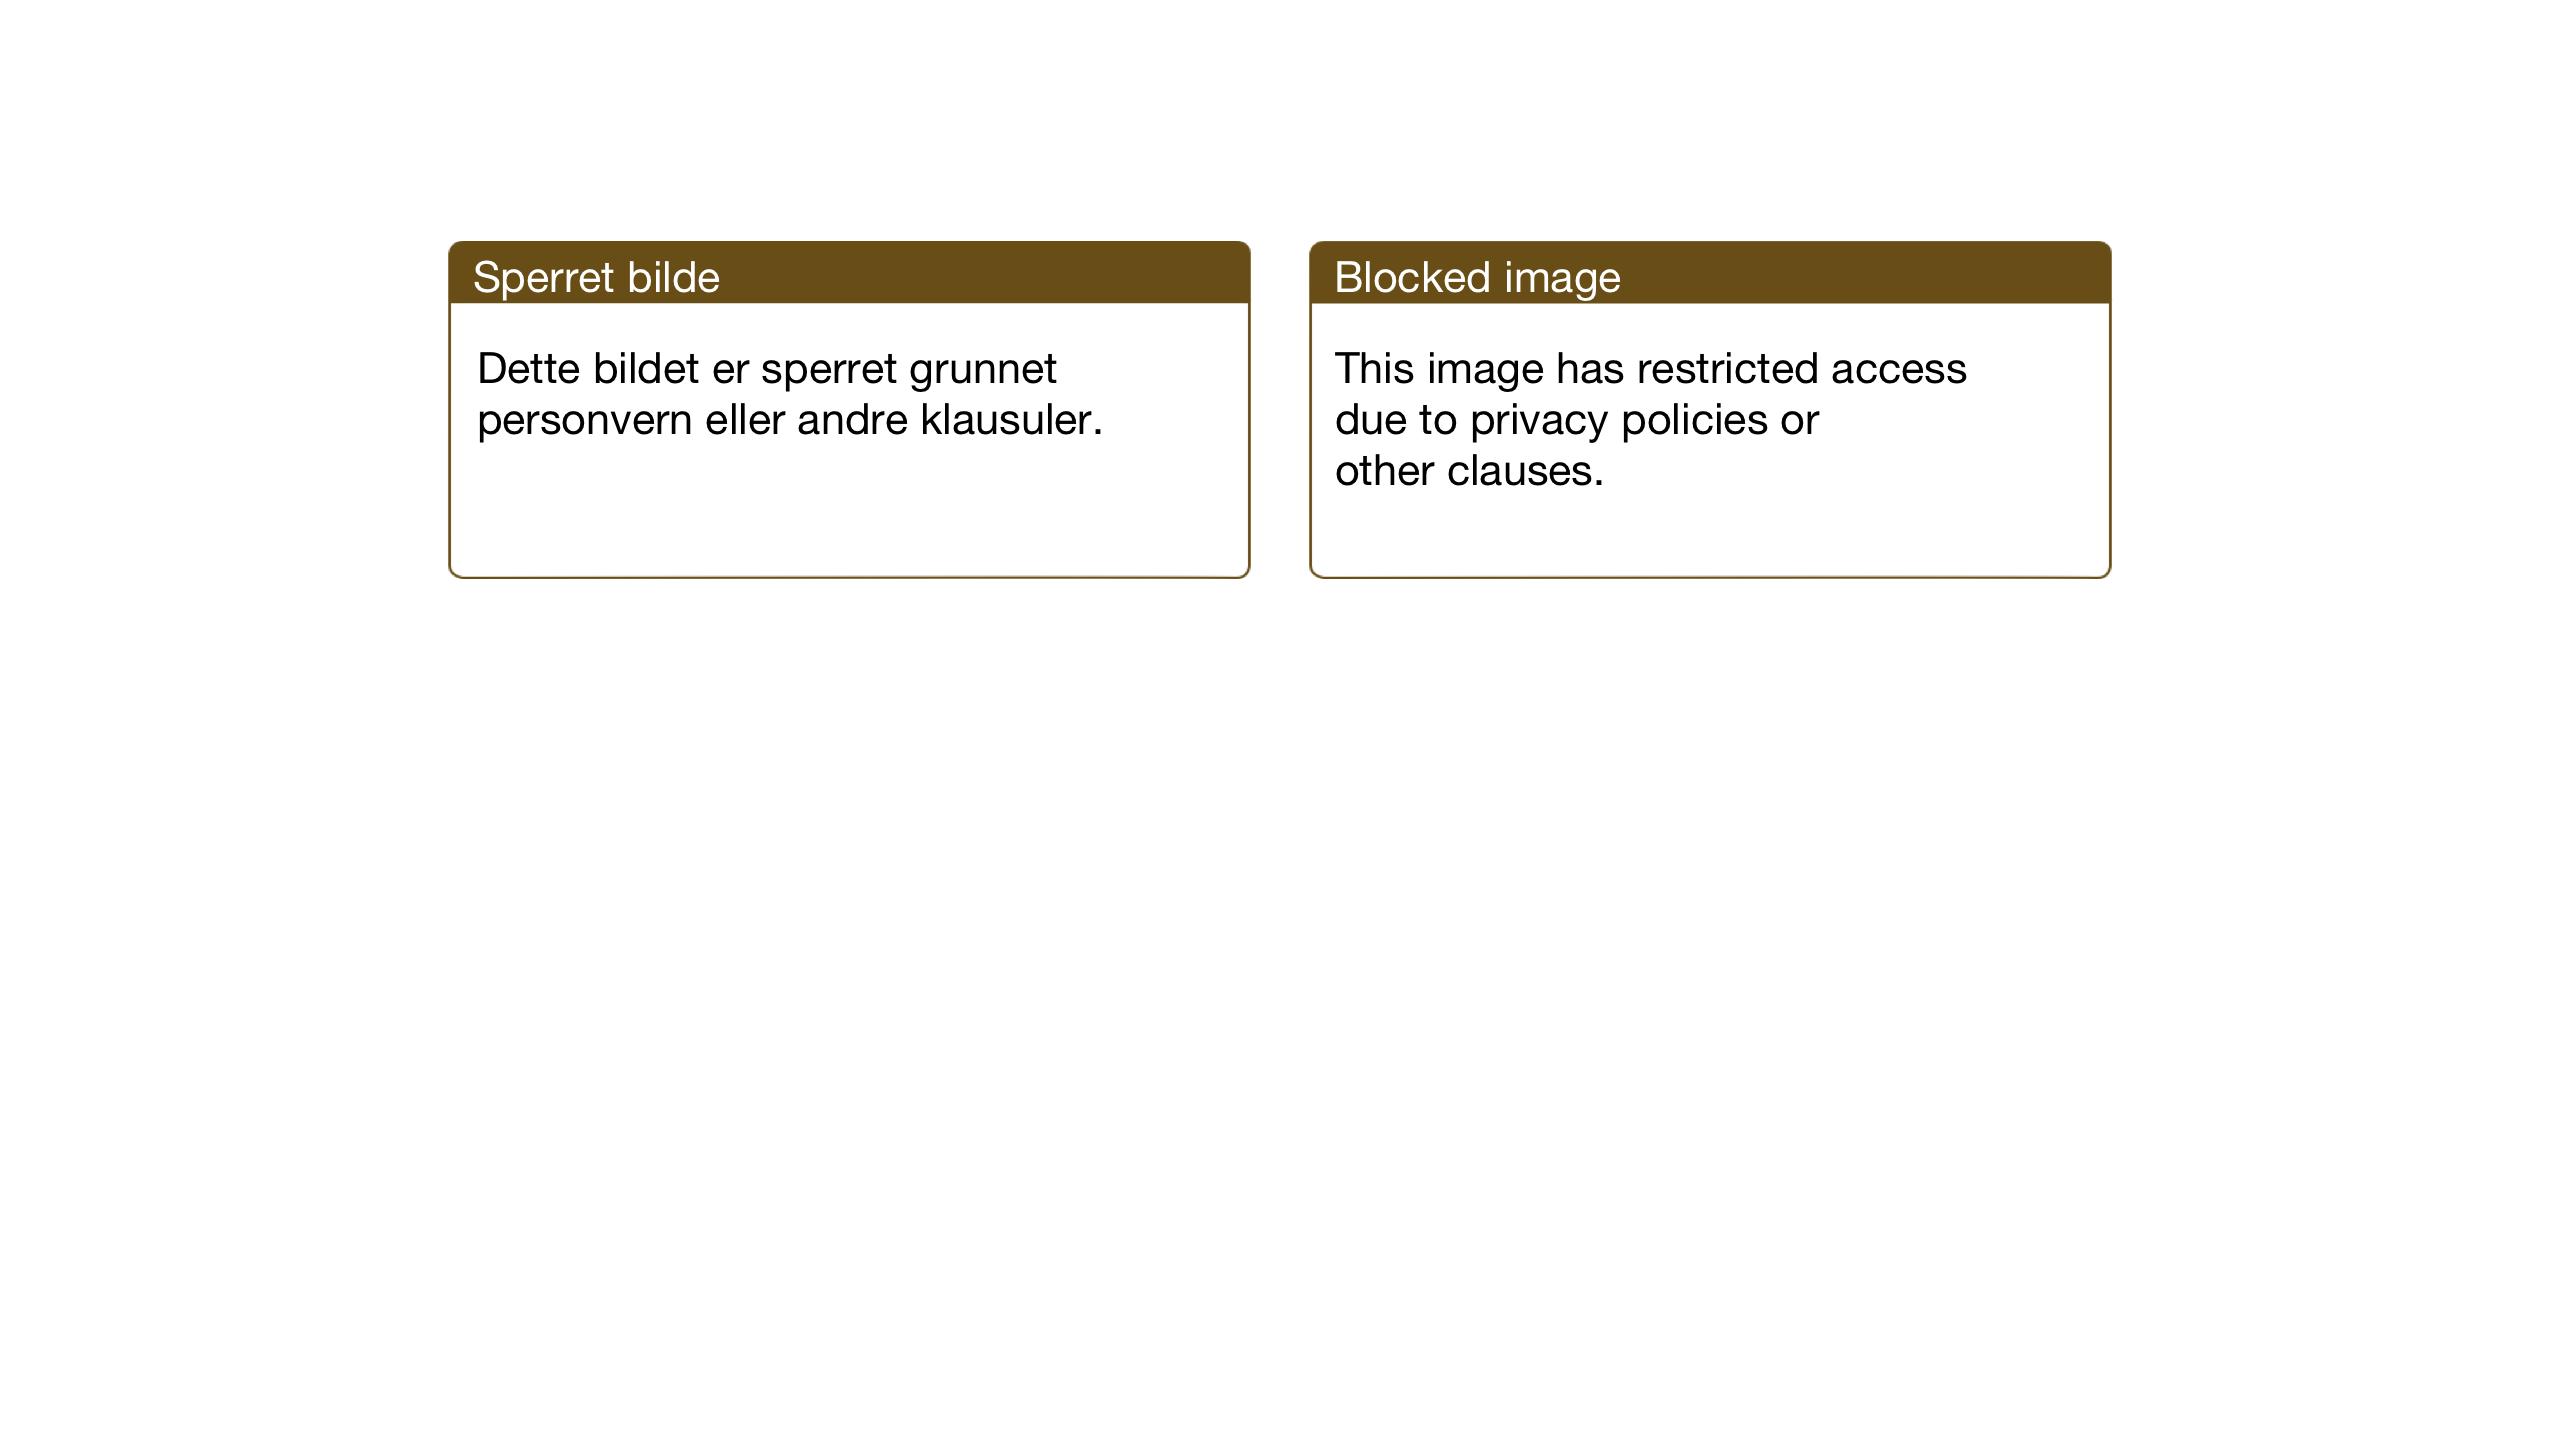 SAT, Ministerialprotokoller, klokkerbøker og fødselsregistre - Sør-Trøndelag, 657/L0718: Klokkerbok nr. 657C05, 1923-1948, s. 36